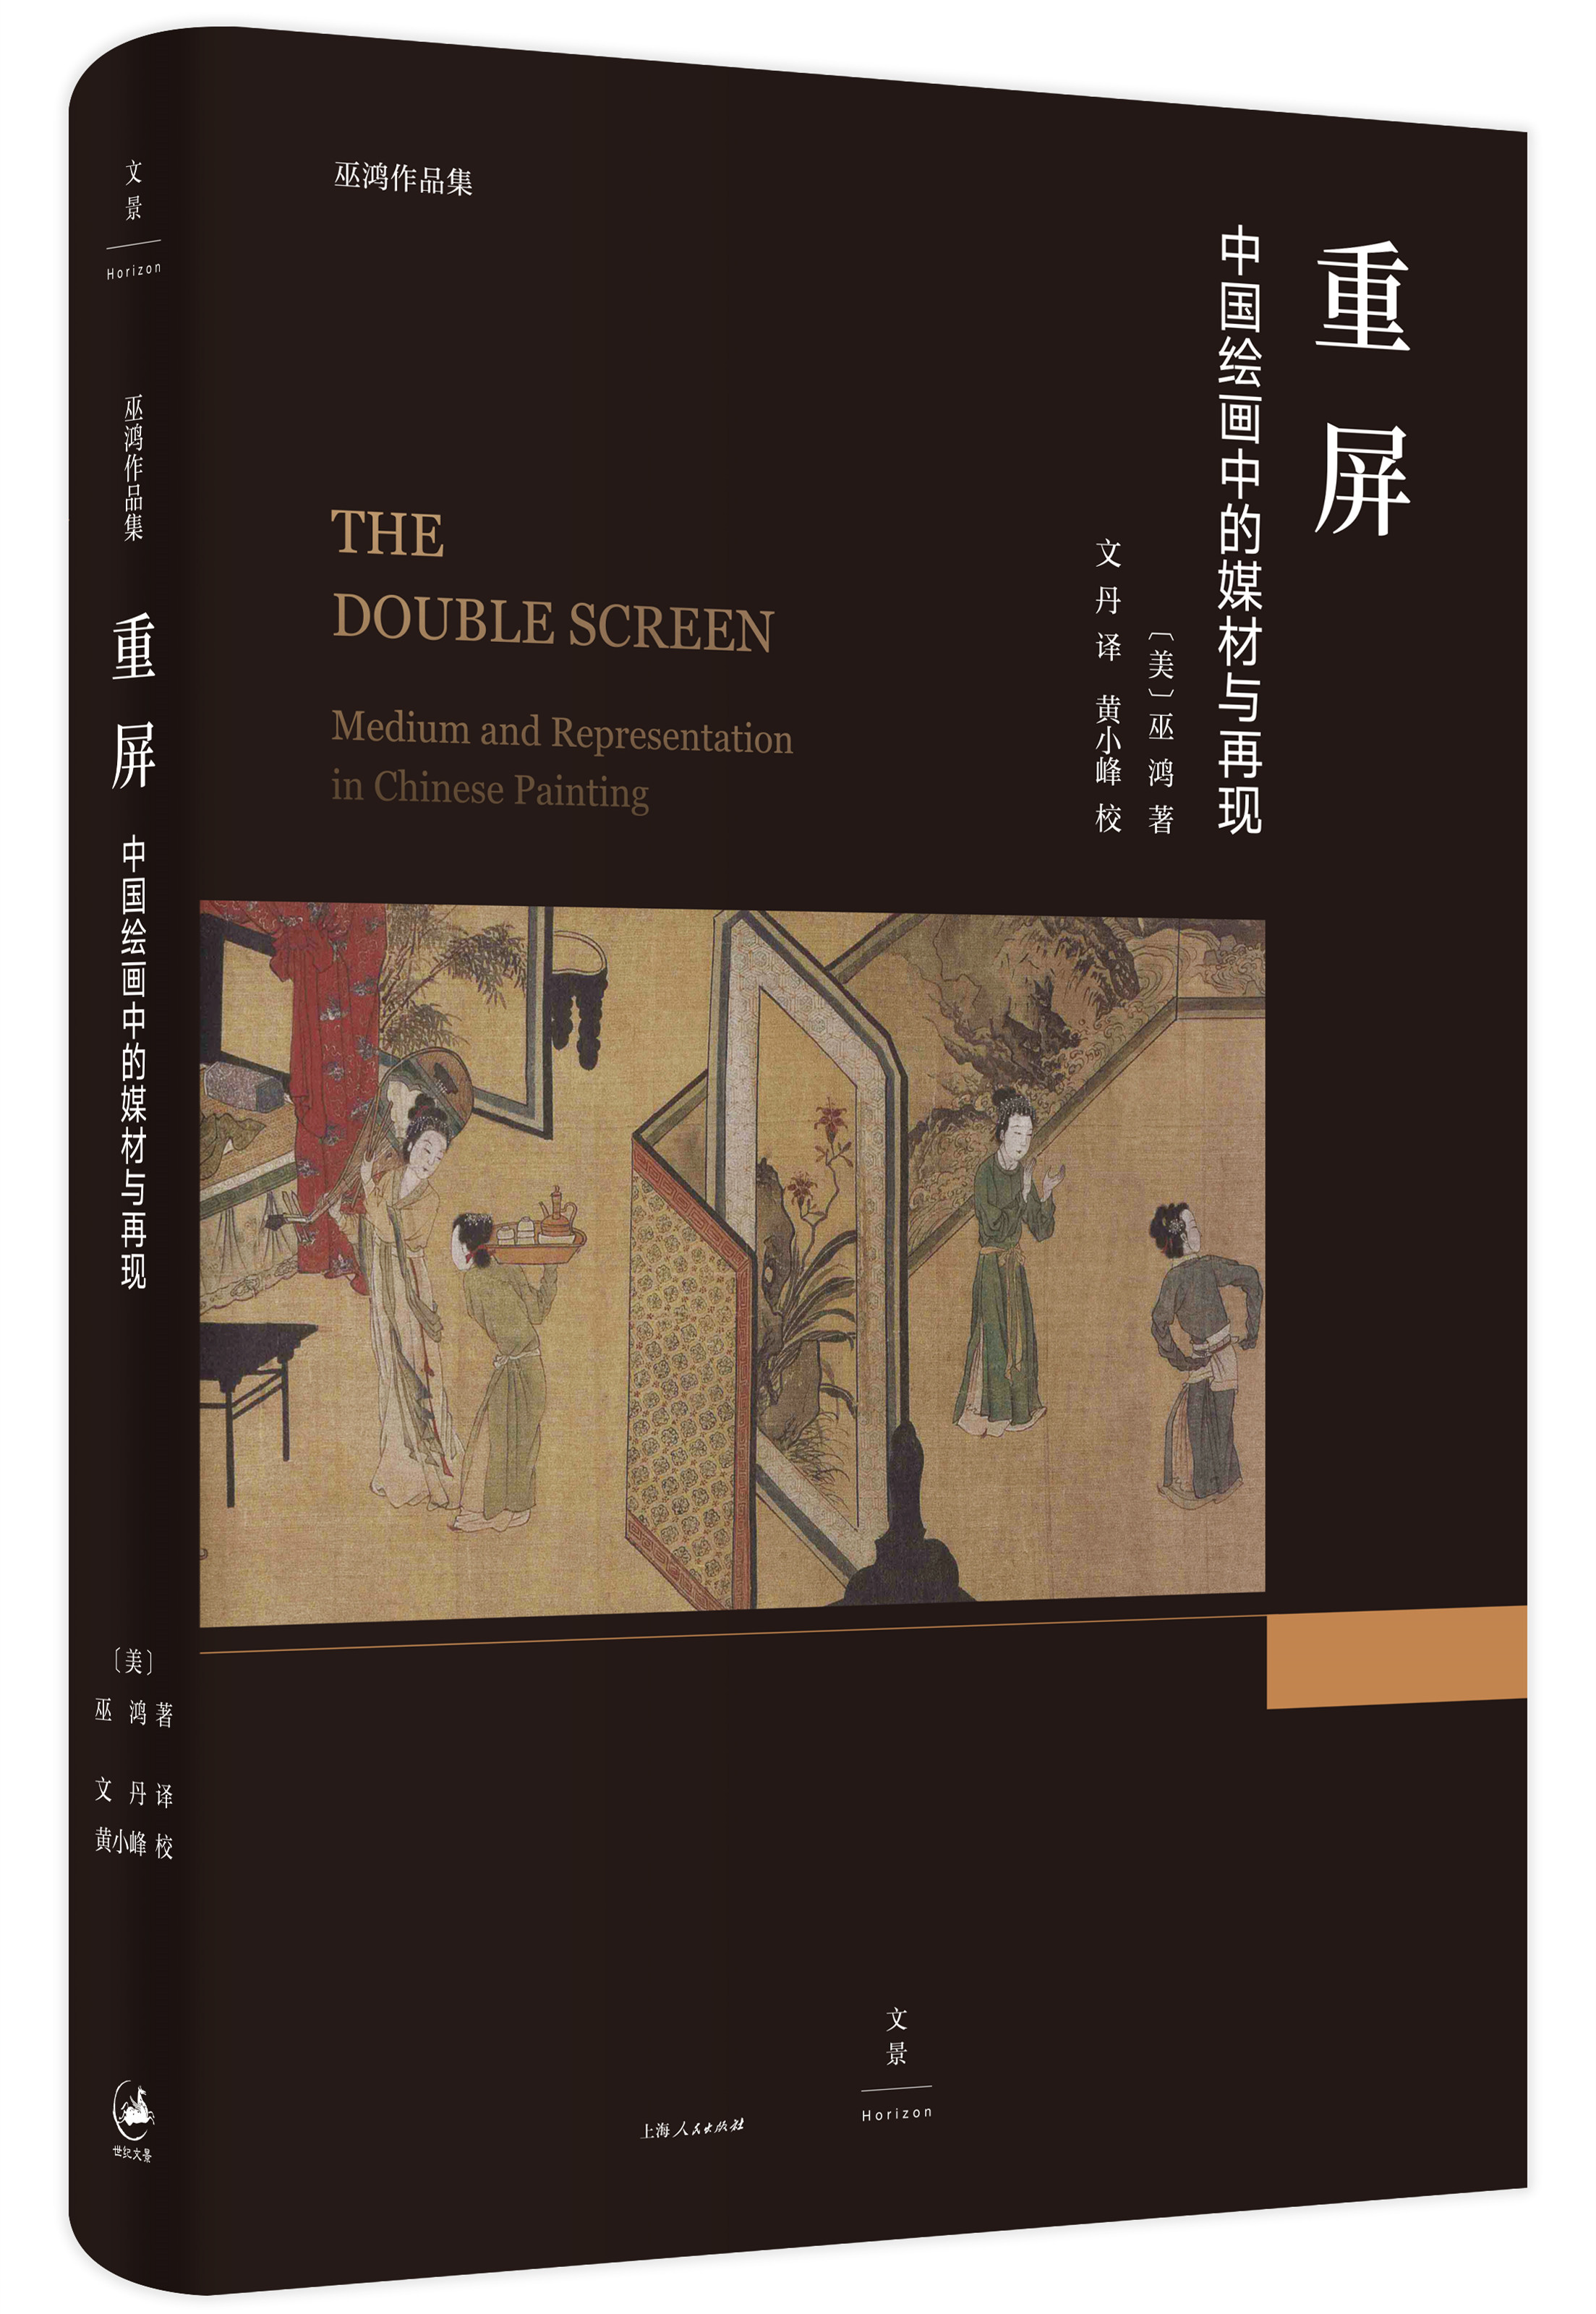 重屏:中国绘画中的媒材与再现.jpg